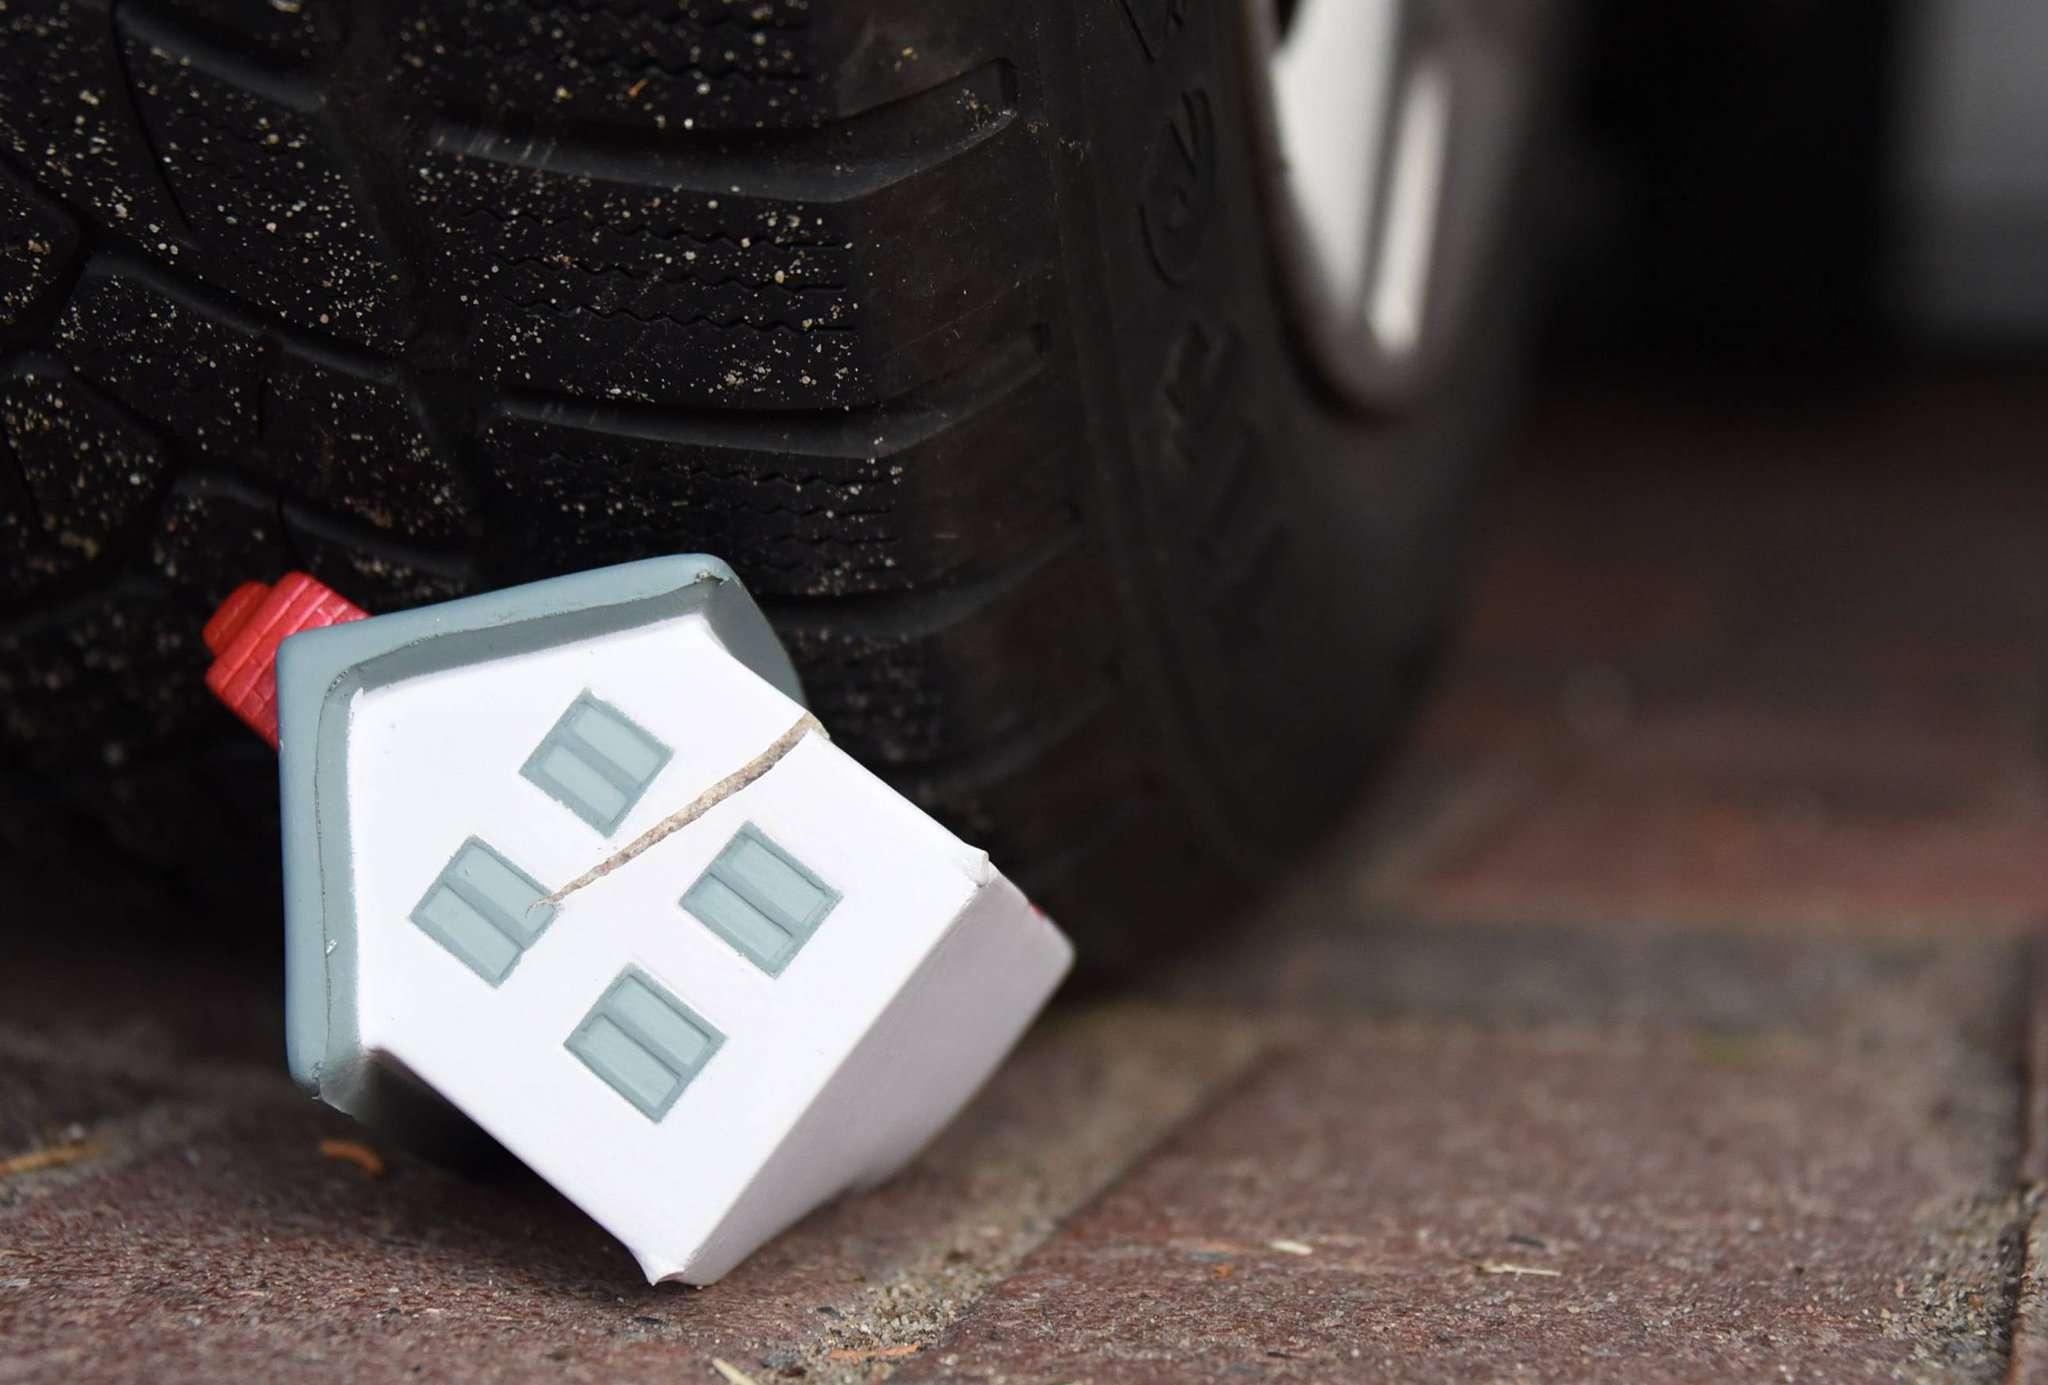 Kommt günstiger und sozialer Wohnraum in Sottrum unter die Räder? Die Grünen hegen diese Befürchtung, sollte die Gemeinde sich beim Wohnbau durch Investoren nicht mehr Kontrolle verschaffen.